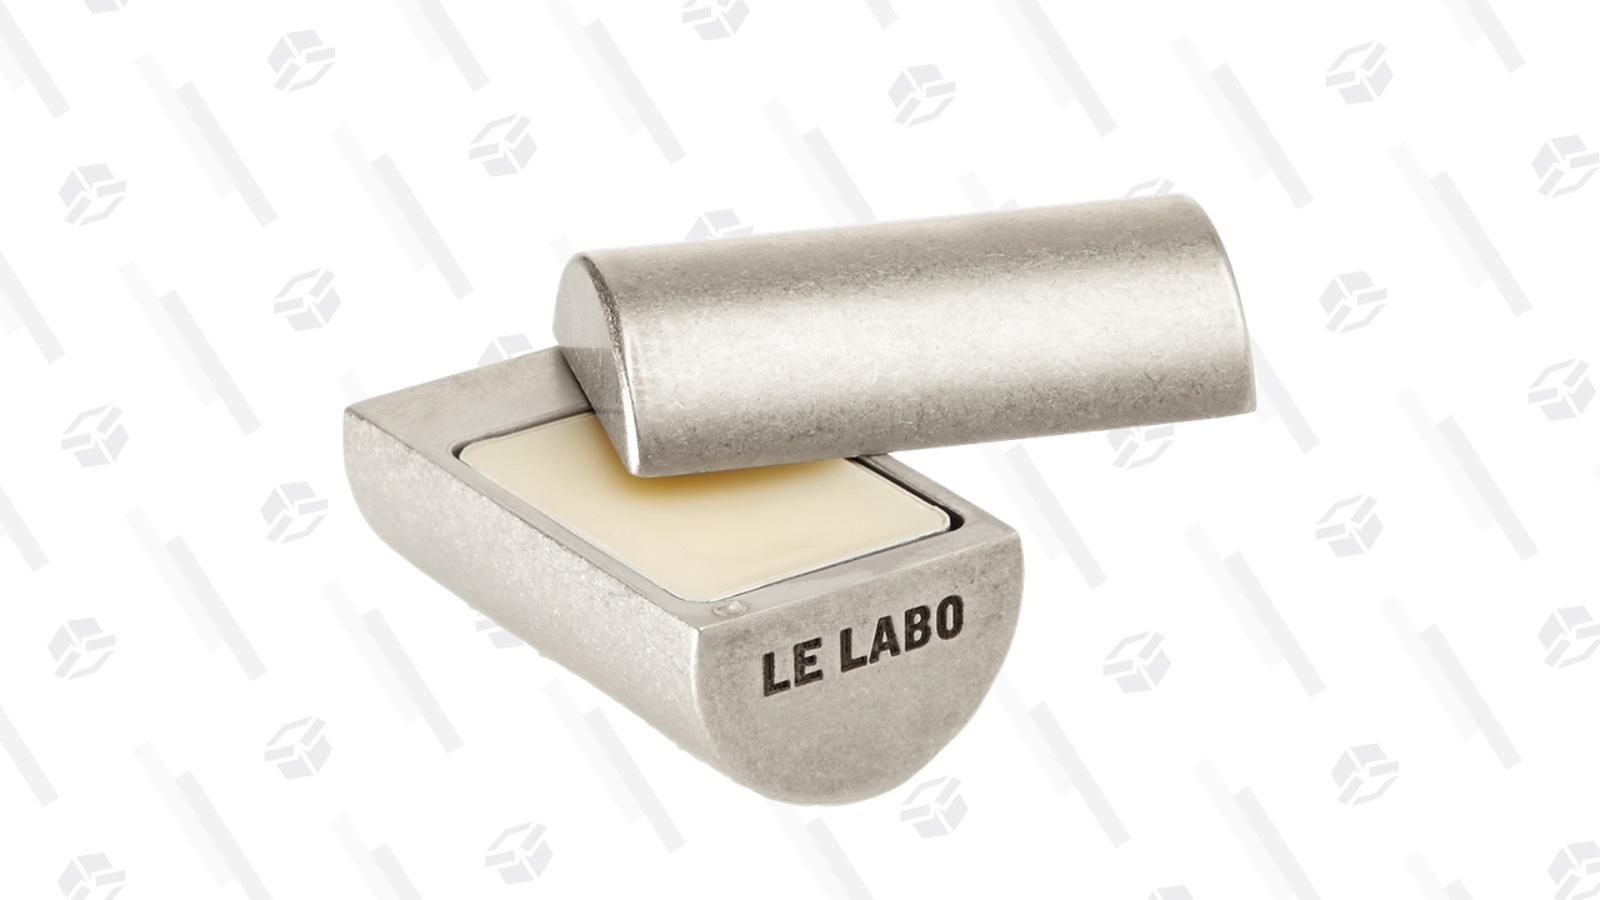 Le Labo Santal 33 Solid Perfume | Net-a-Porter